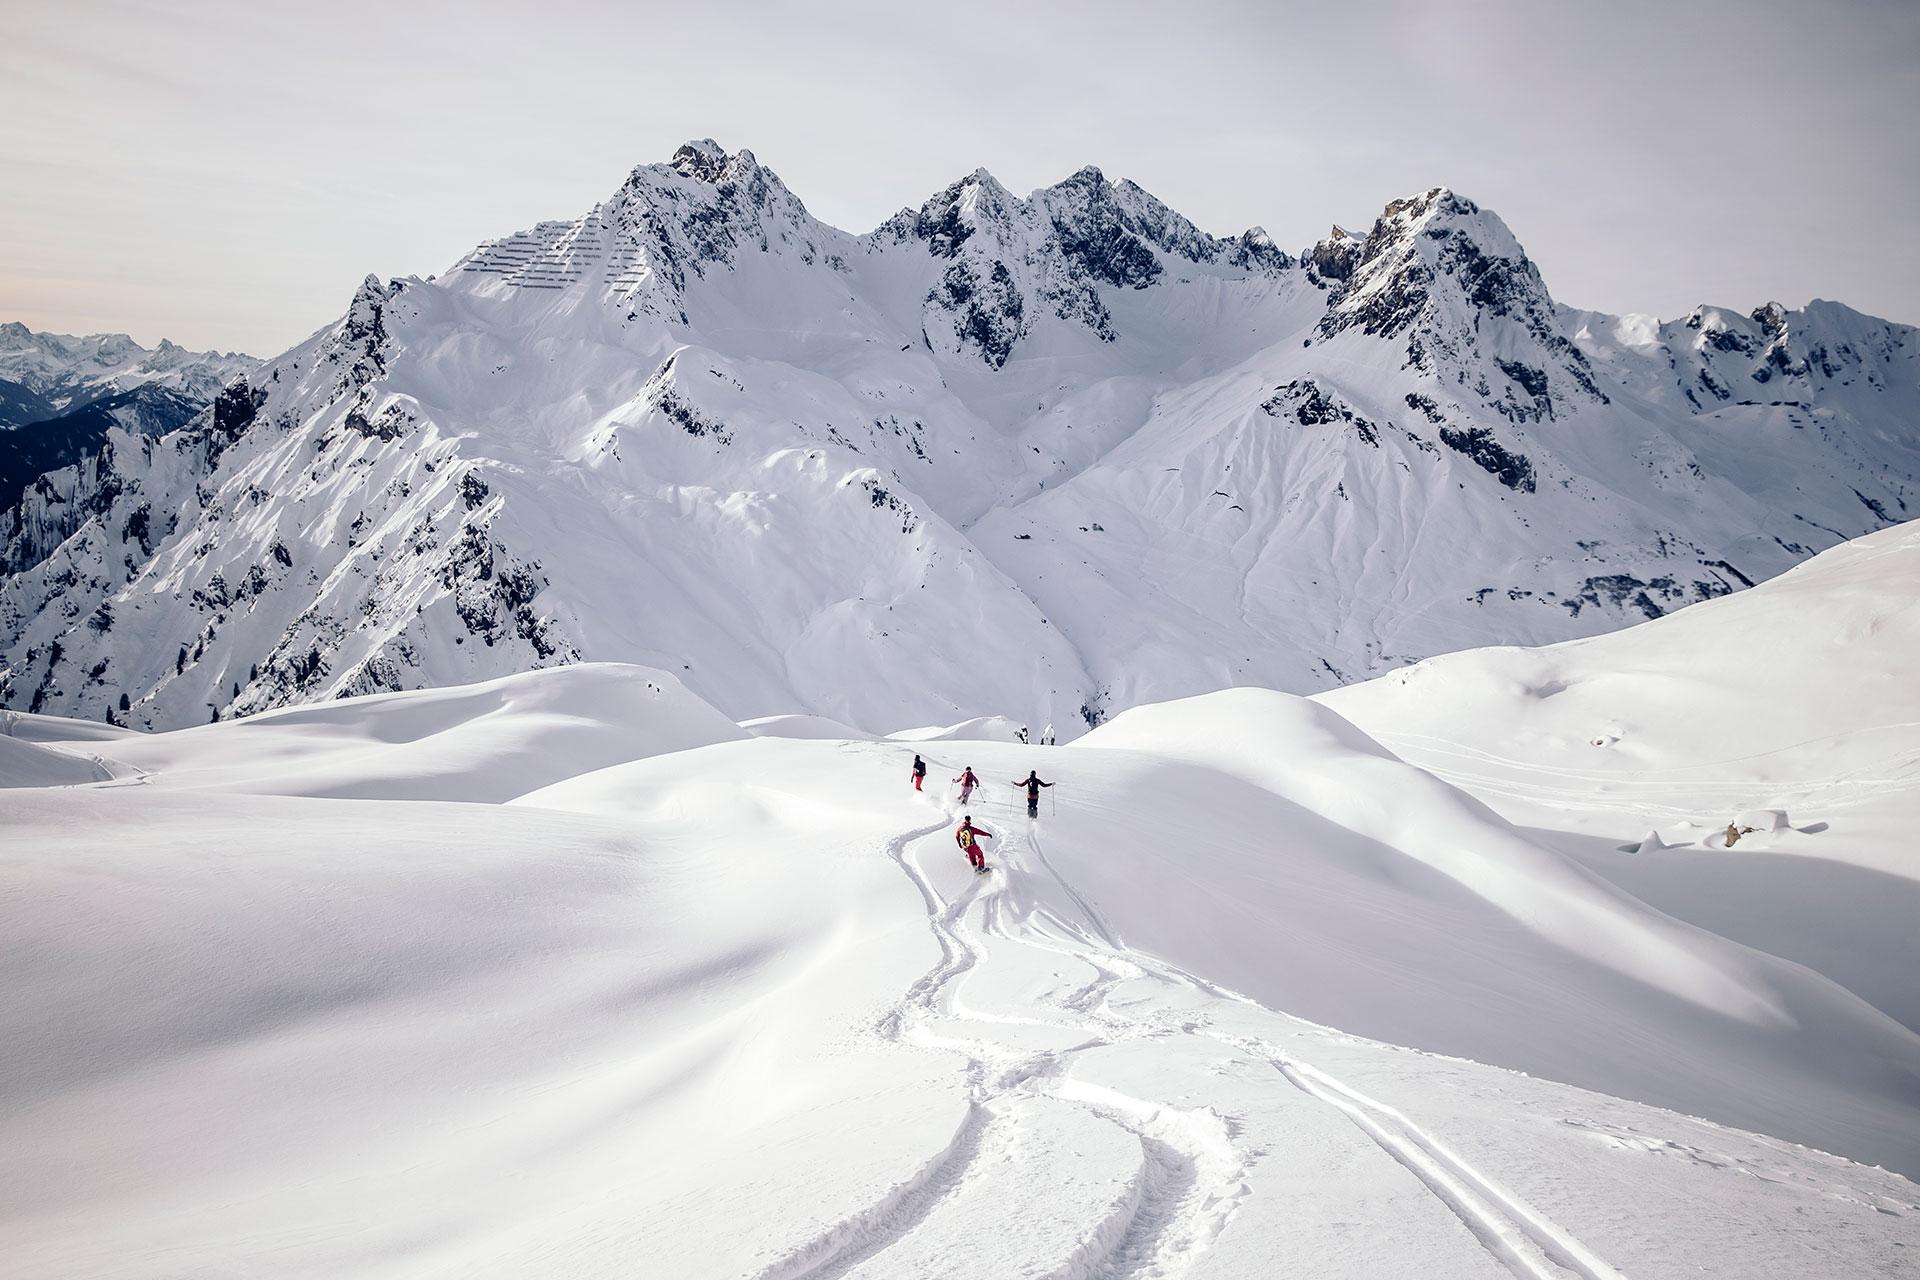 Ski Freeride Fotograf Powder Tiefschnee Deutschland Berlin Snowboard Tour Alpen